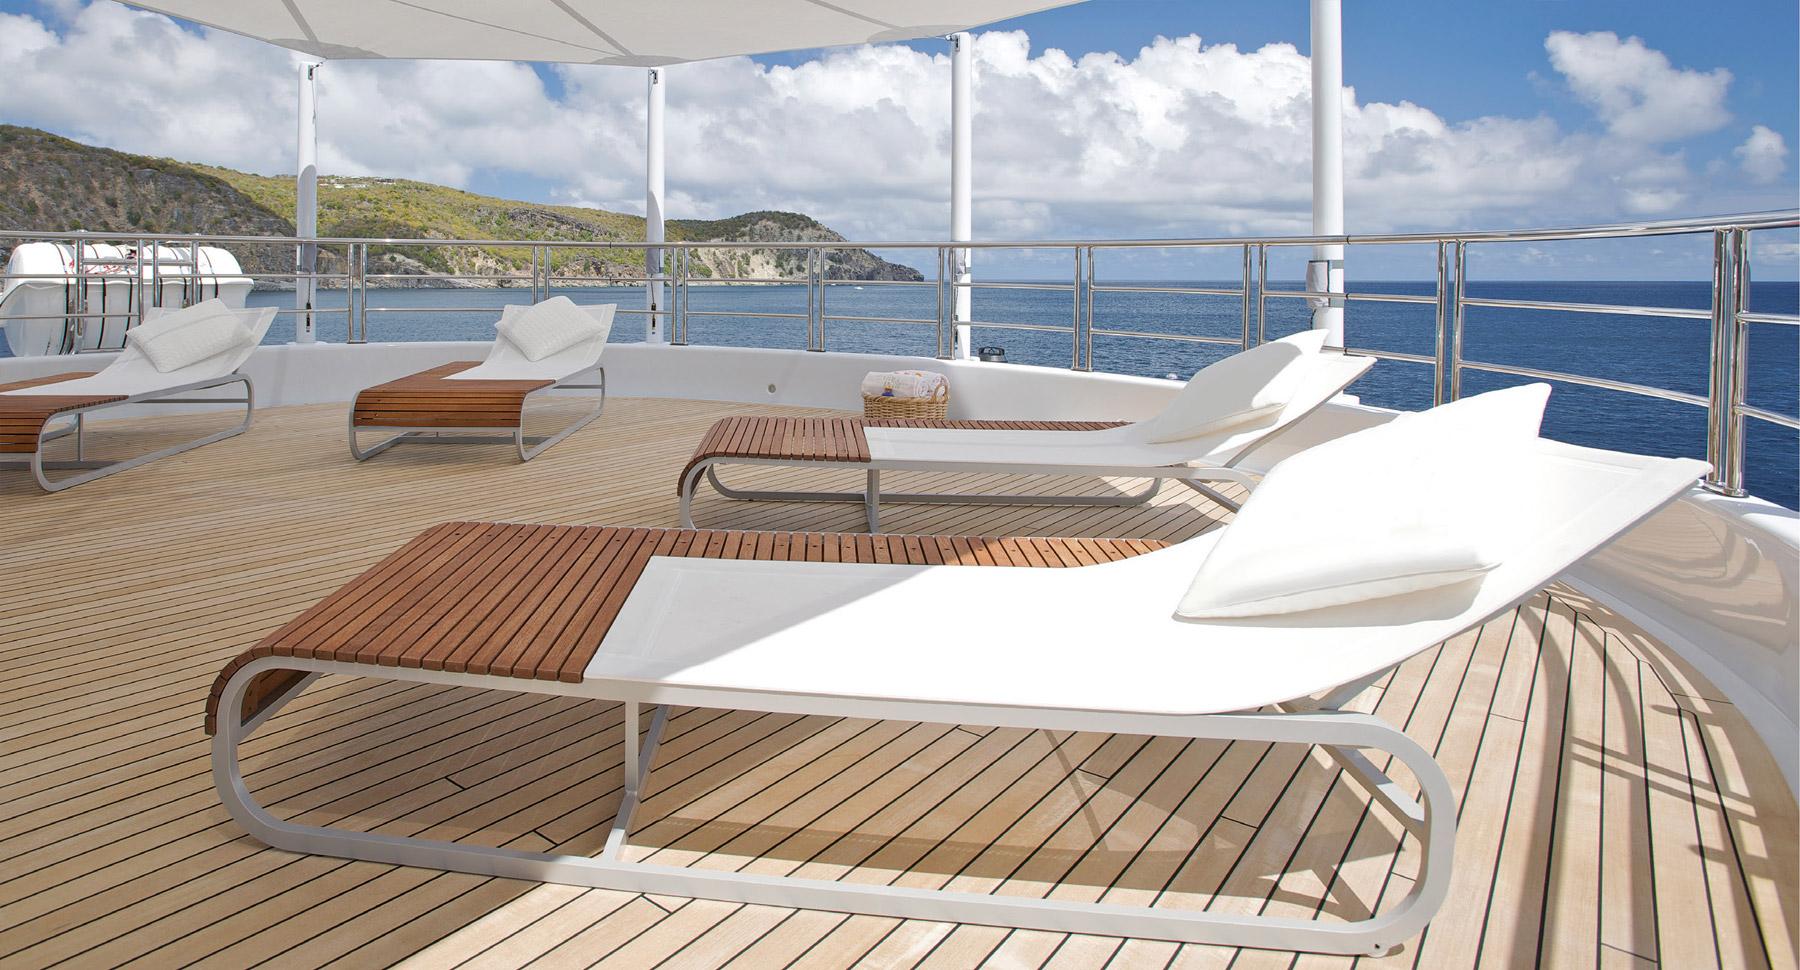 tandem-pont-yacht-vive-la-vie.jpg